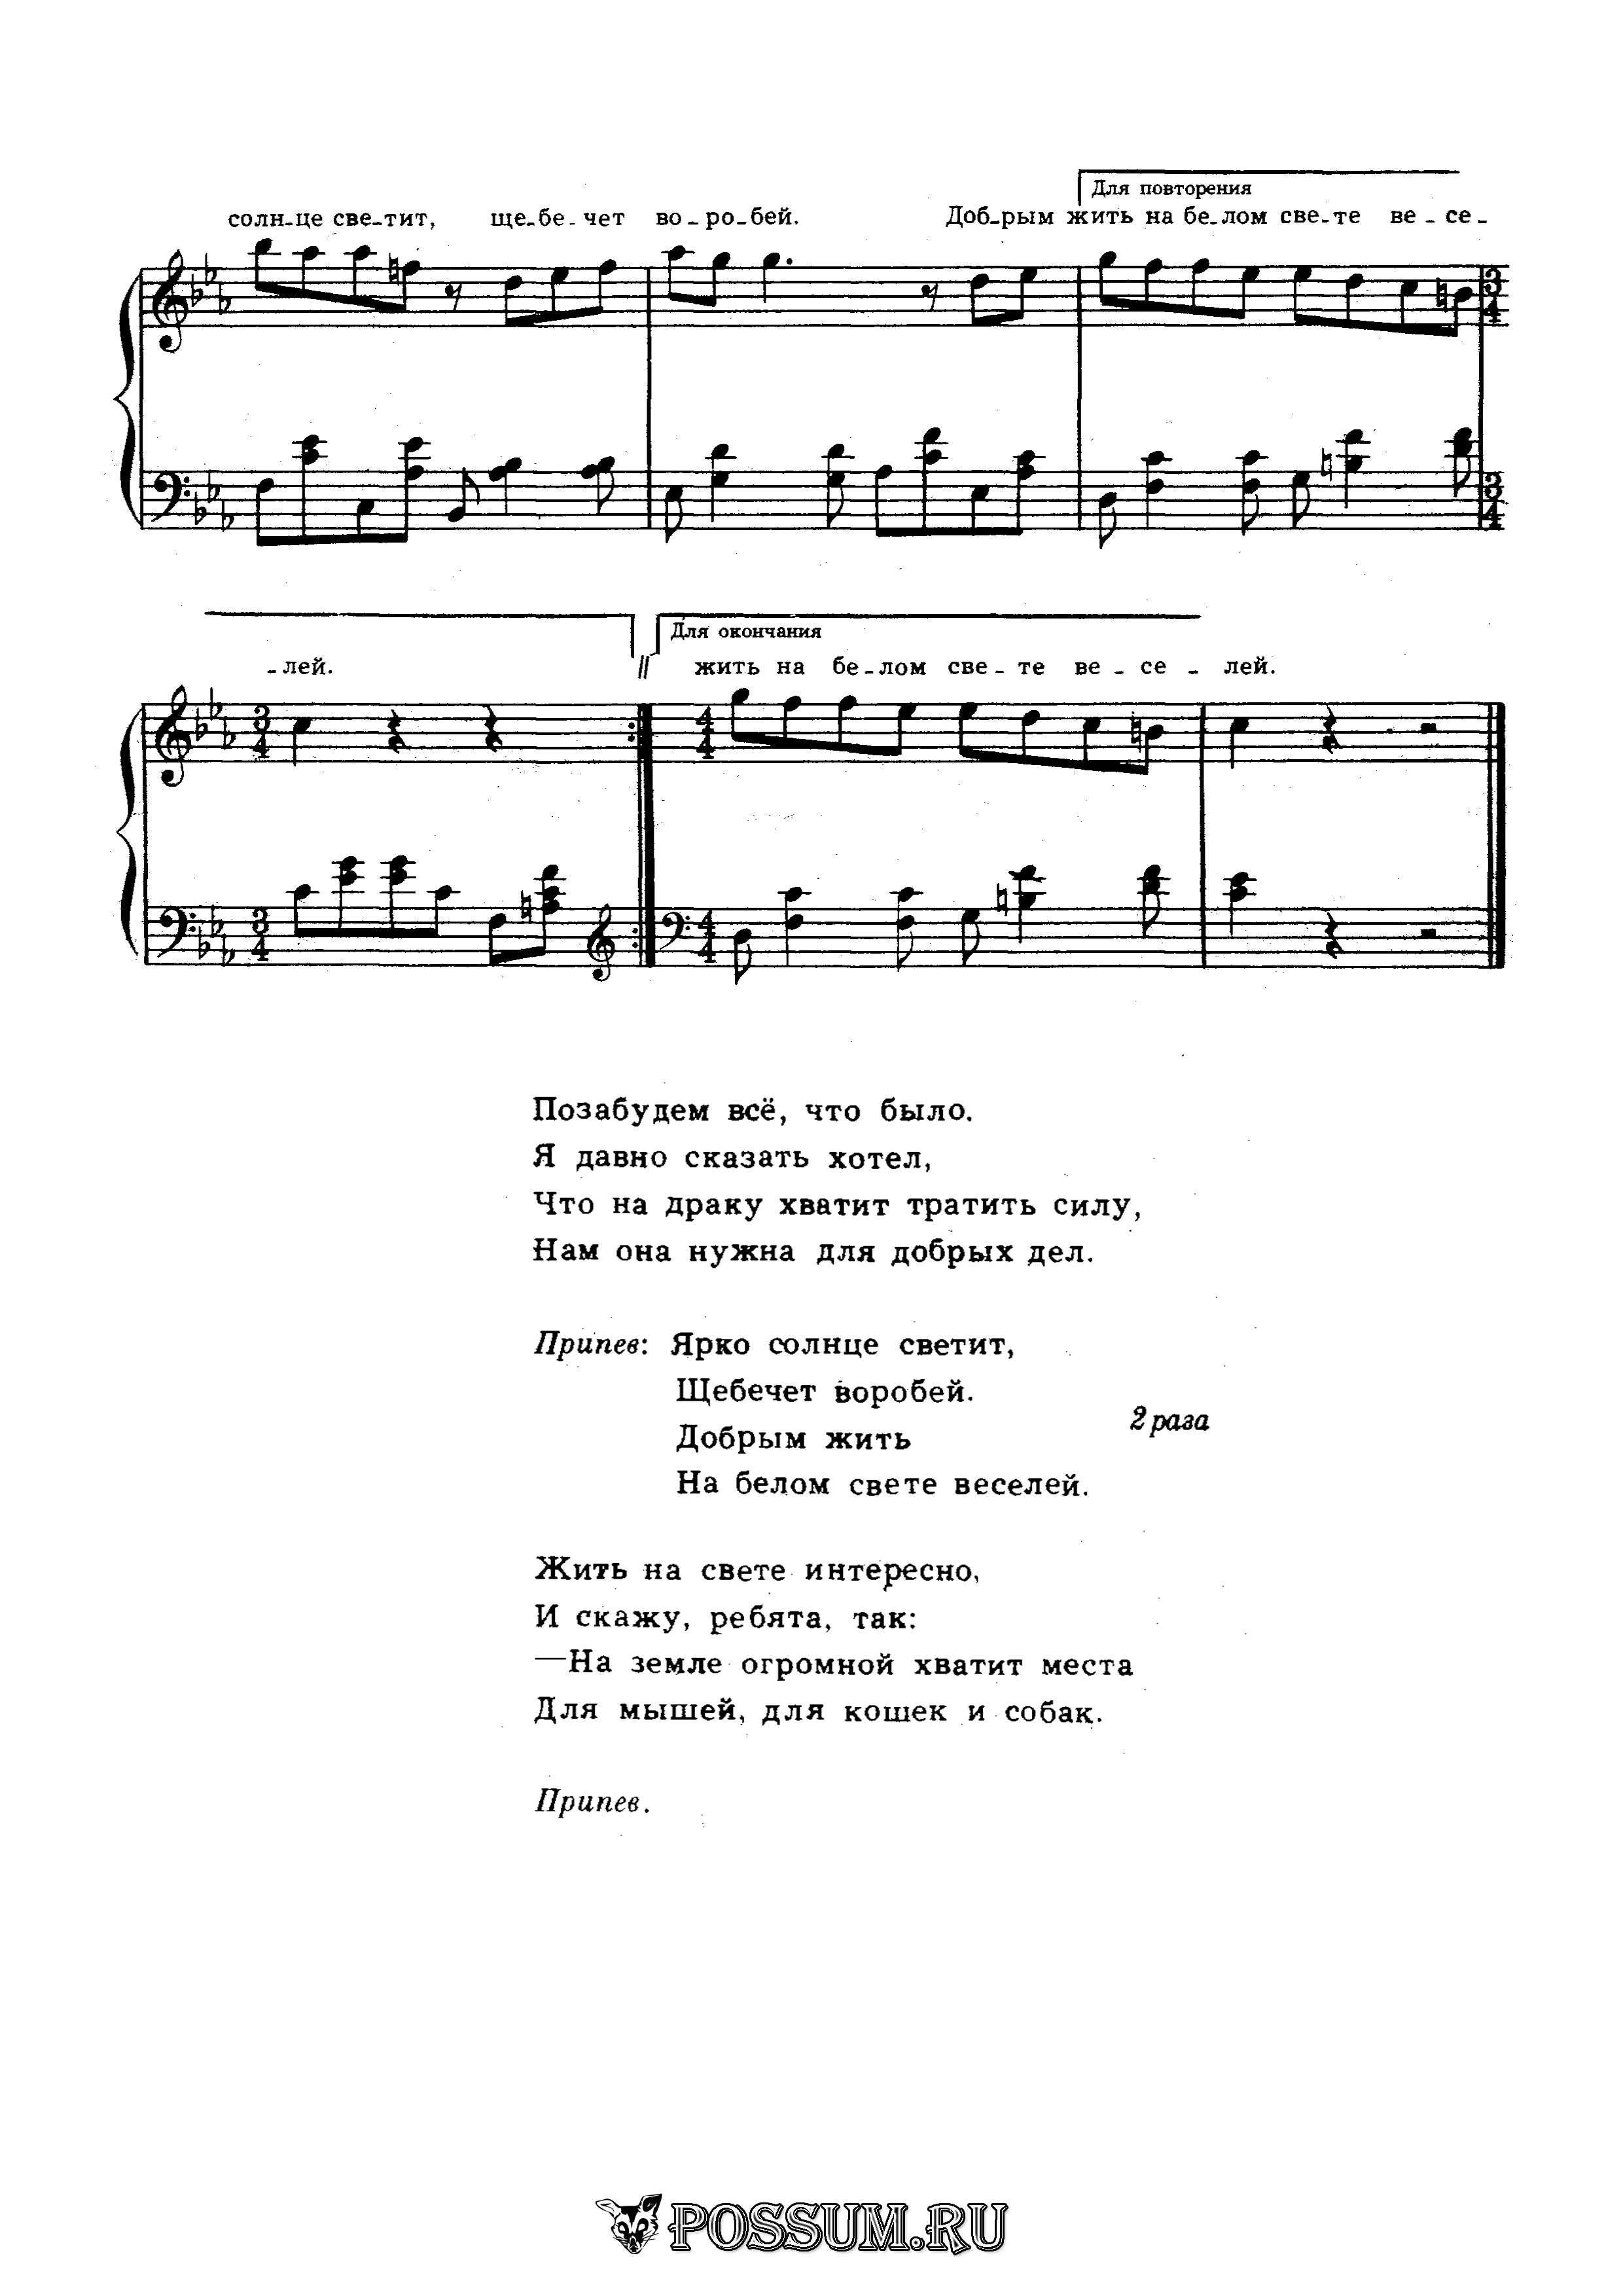 Текст песни песня о дружбе кота леопольда